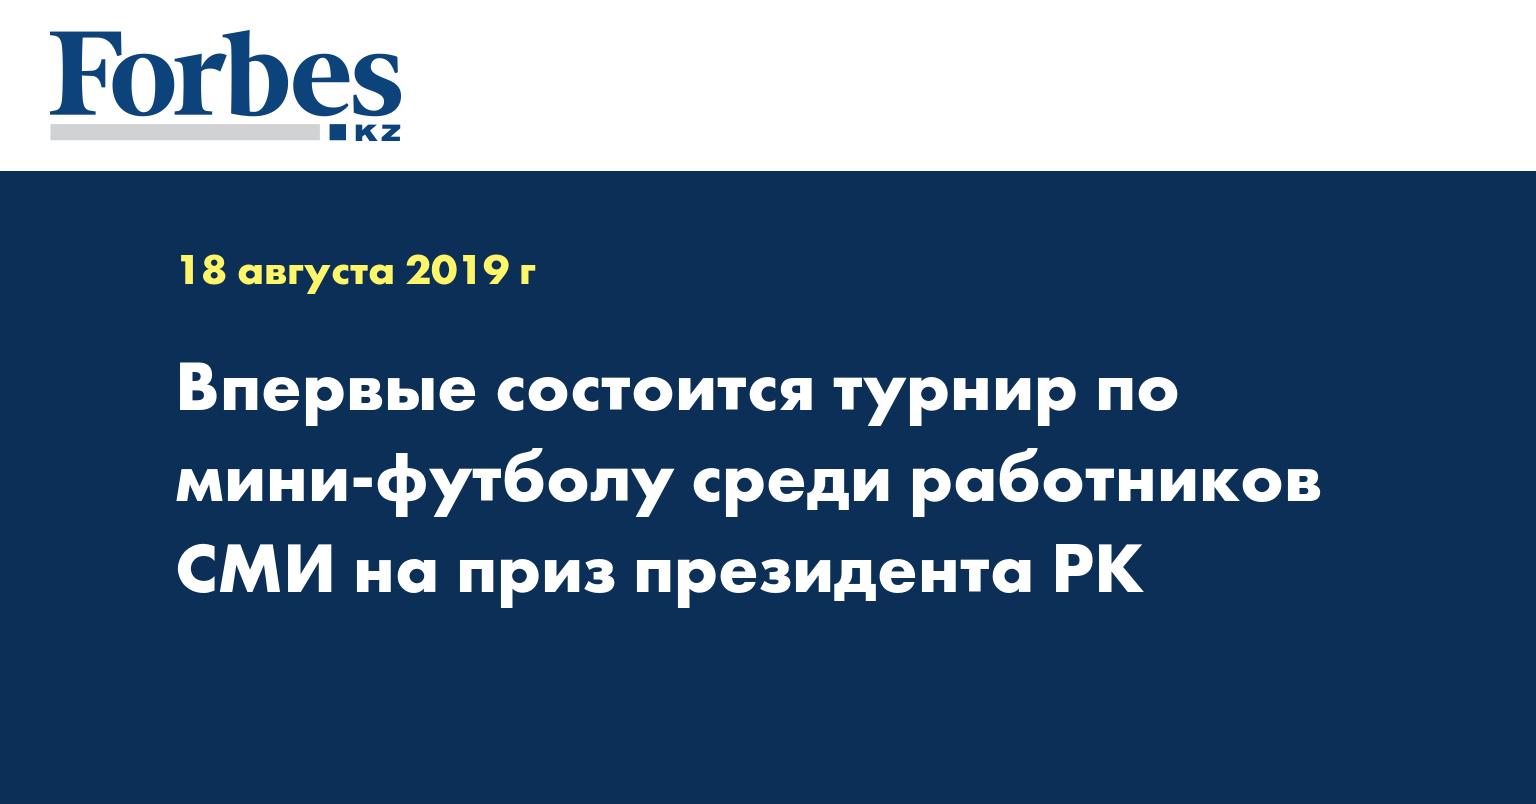 Впервые состоится турнир по мини-футболу среди работников СМИ на приз президента РК